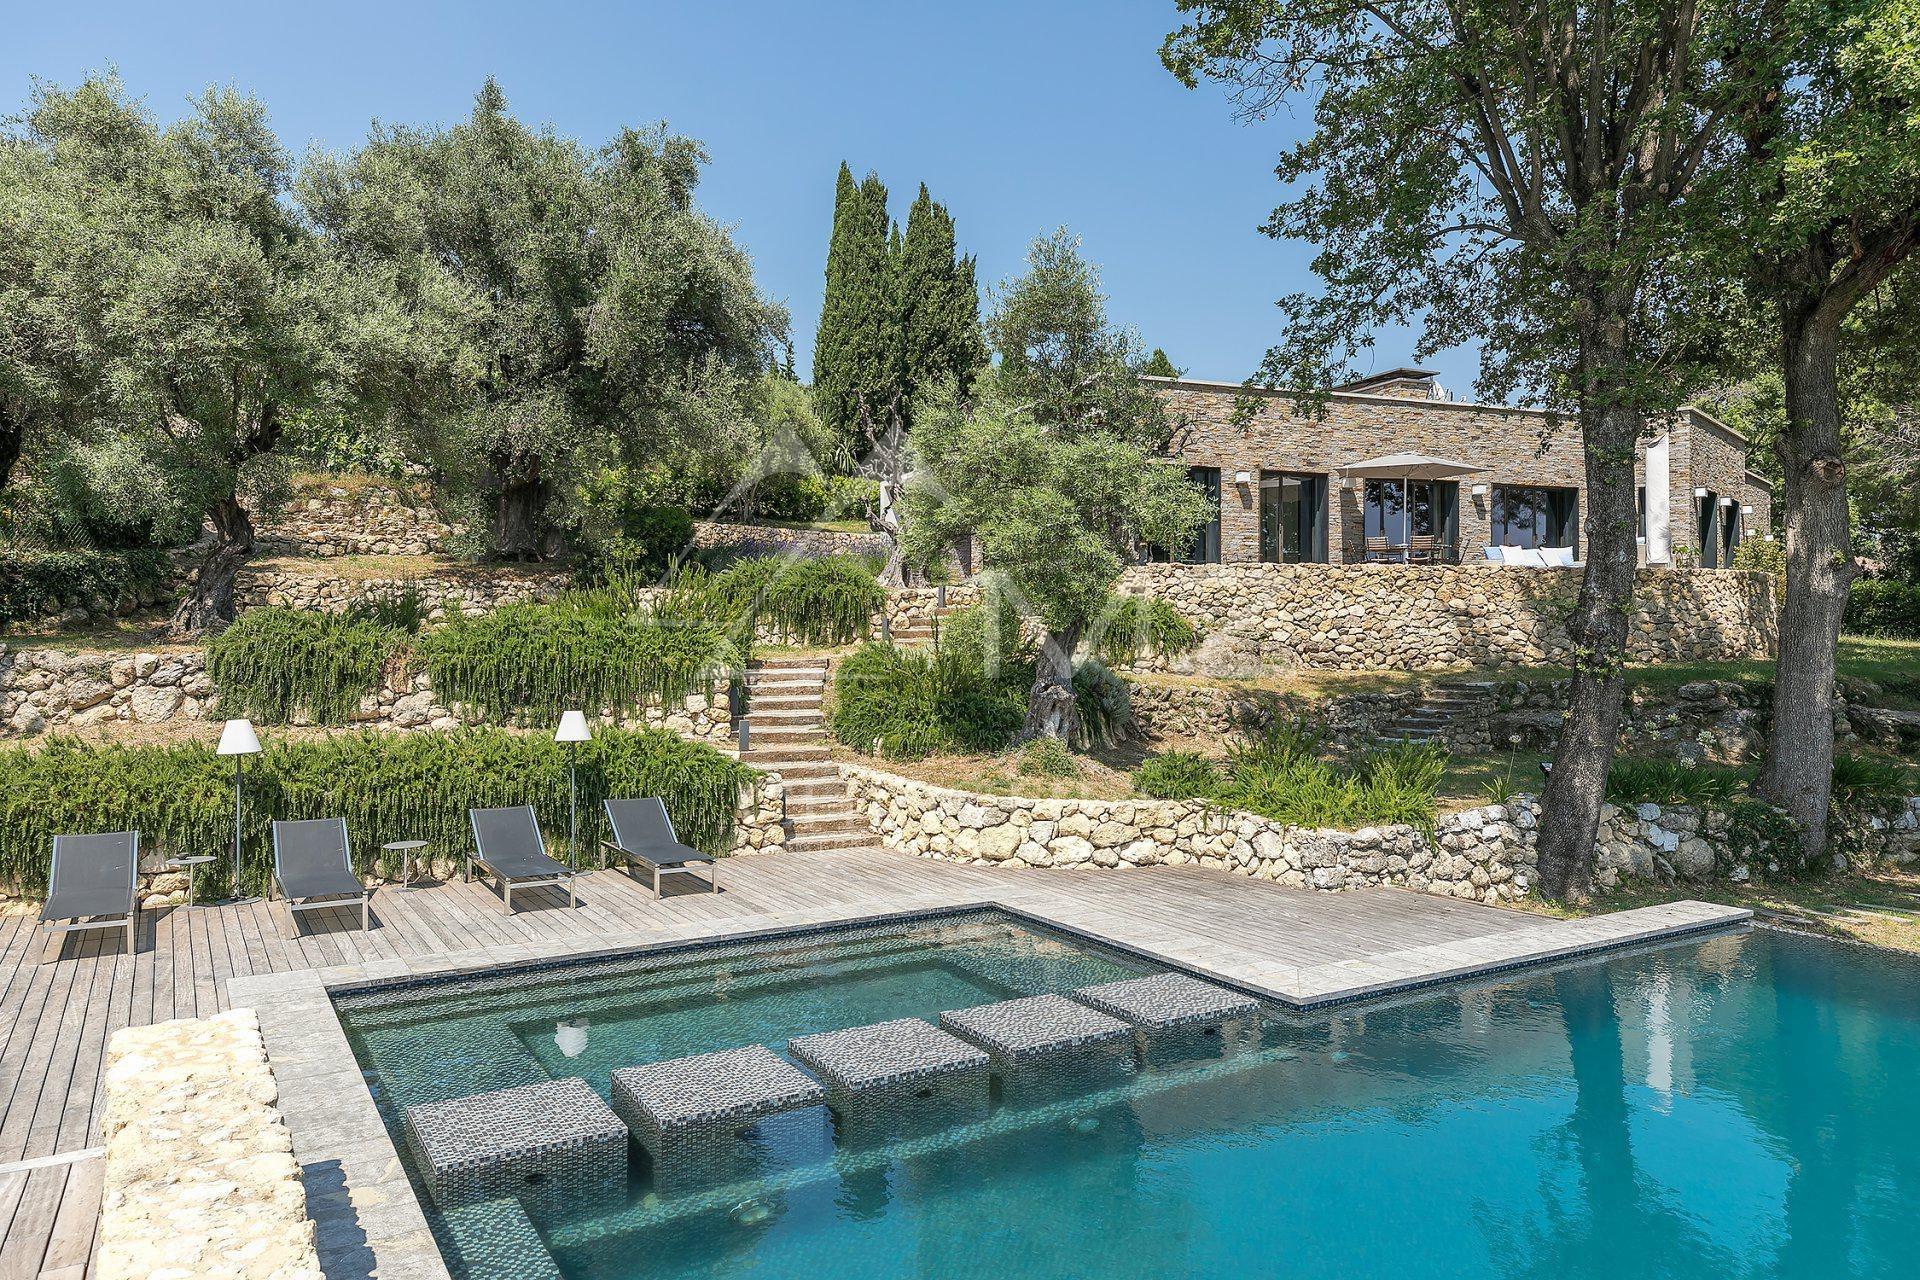 Villa in Tourrettes-sur-Loup, Provence-Alpes-Côte d'Azur, France 1 - 10655175